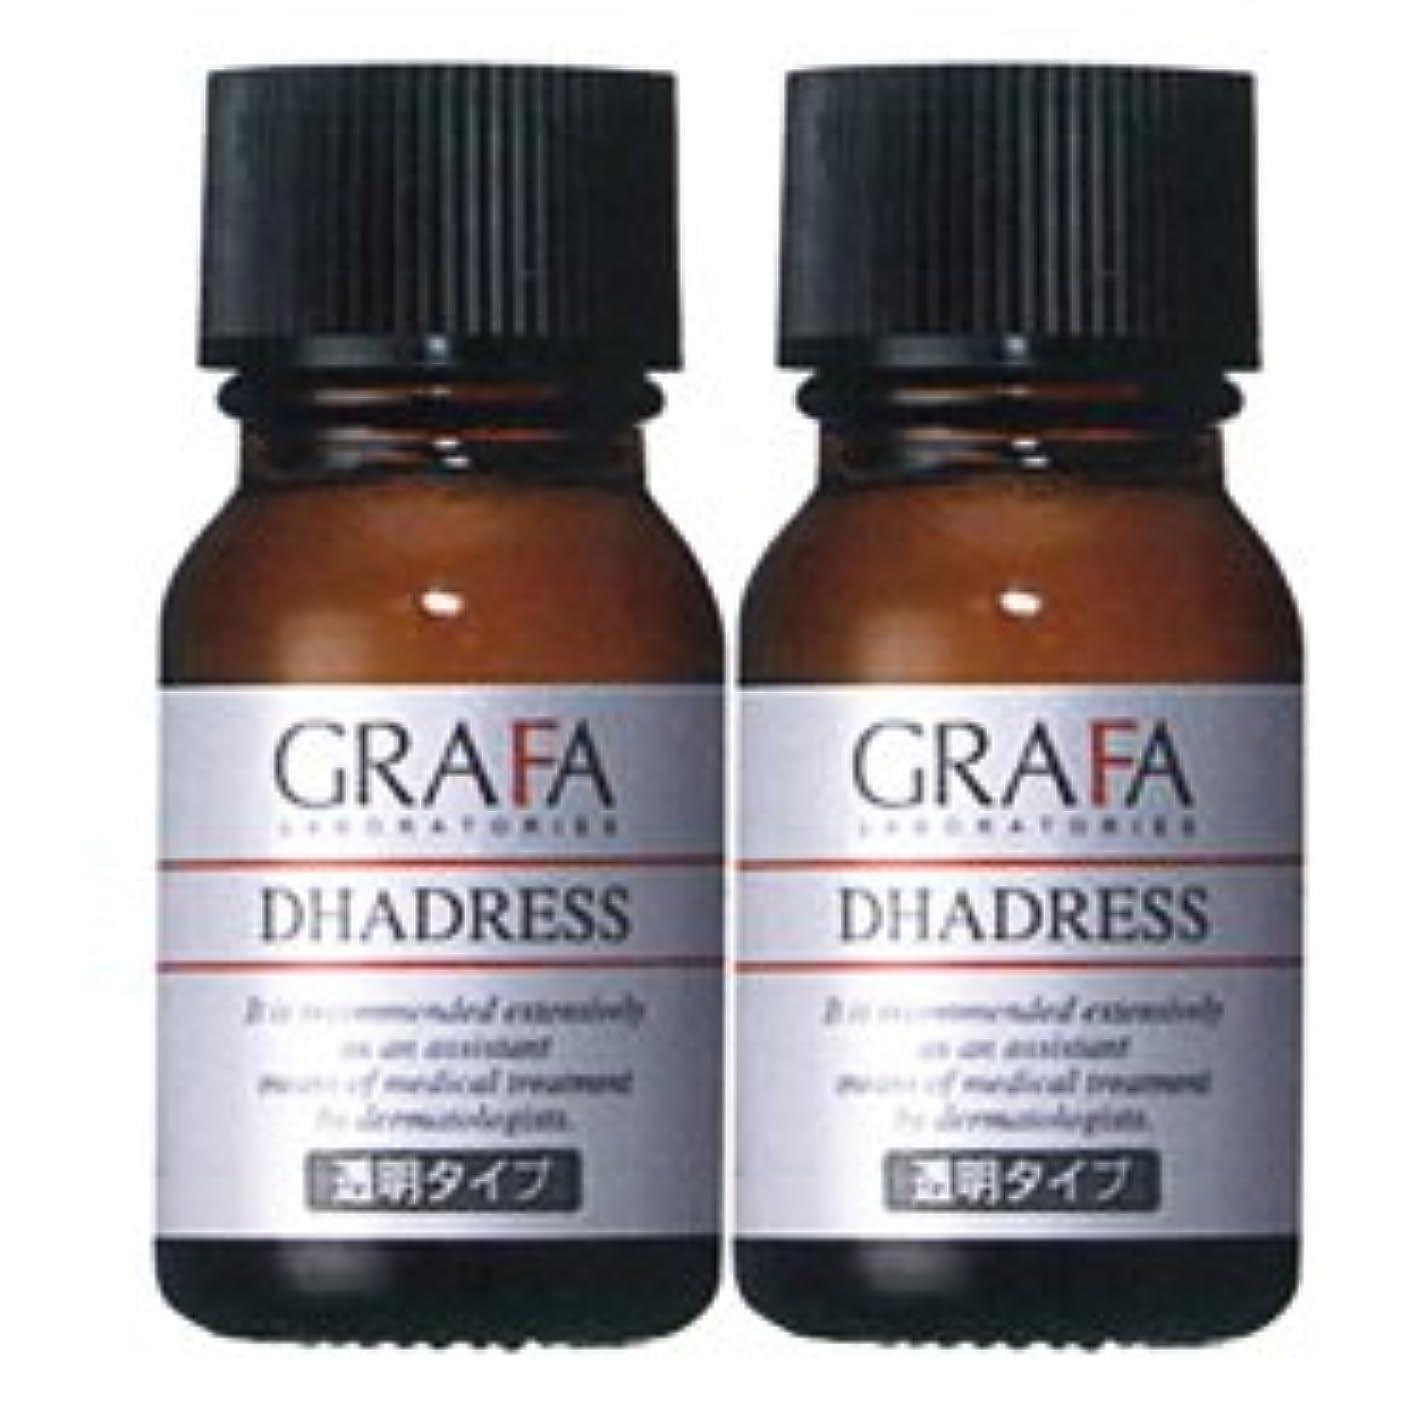 騙す幾何学道徳のグラファ ダドレス (透明タイプ) 11mL 着色用化粧水 GRAFA DHADRESS